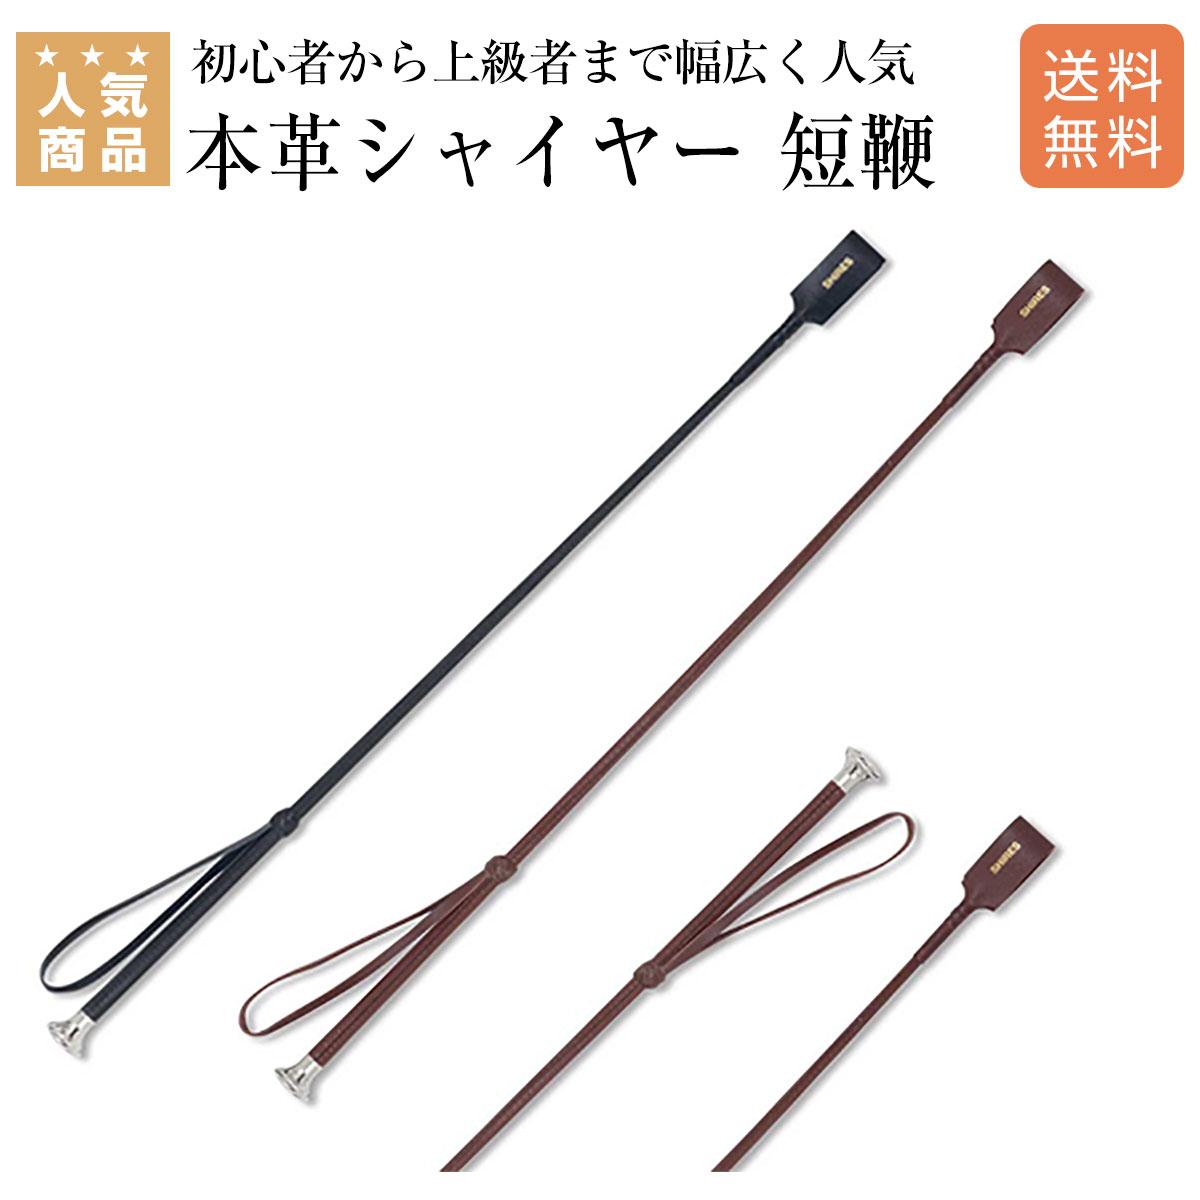 【セール】鞭 短鞭 乗馬 ムチ Shires(シャイヤー)プレインレザー 短鞭 乗馬用品 馬具